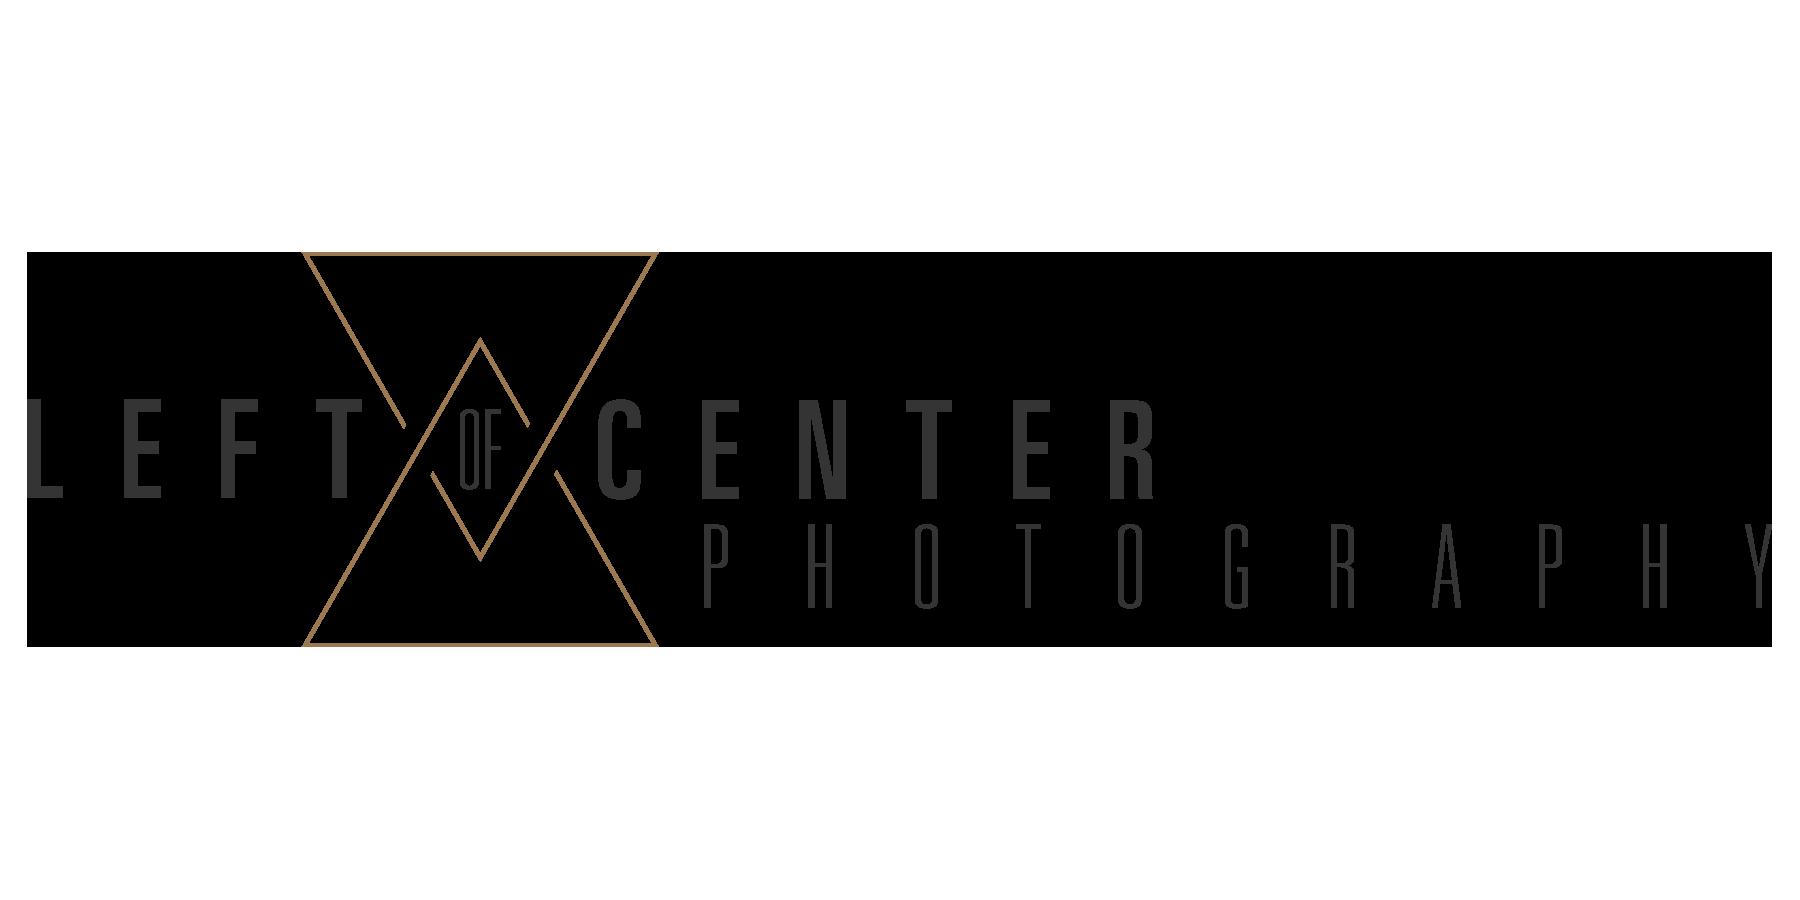 Left of Center Photography - Cleveland, Ohio